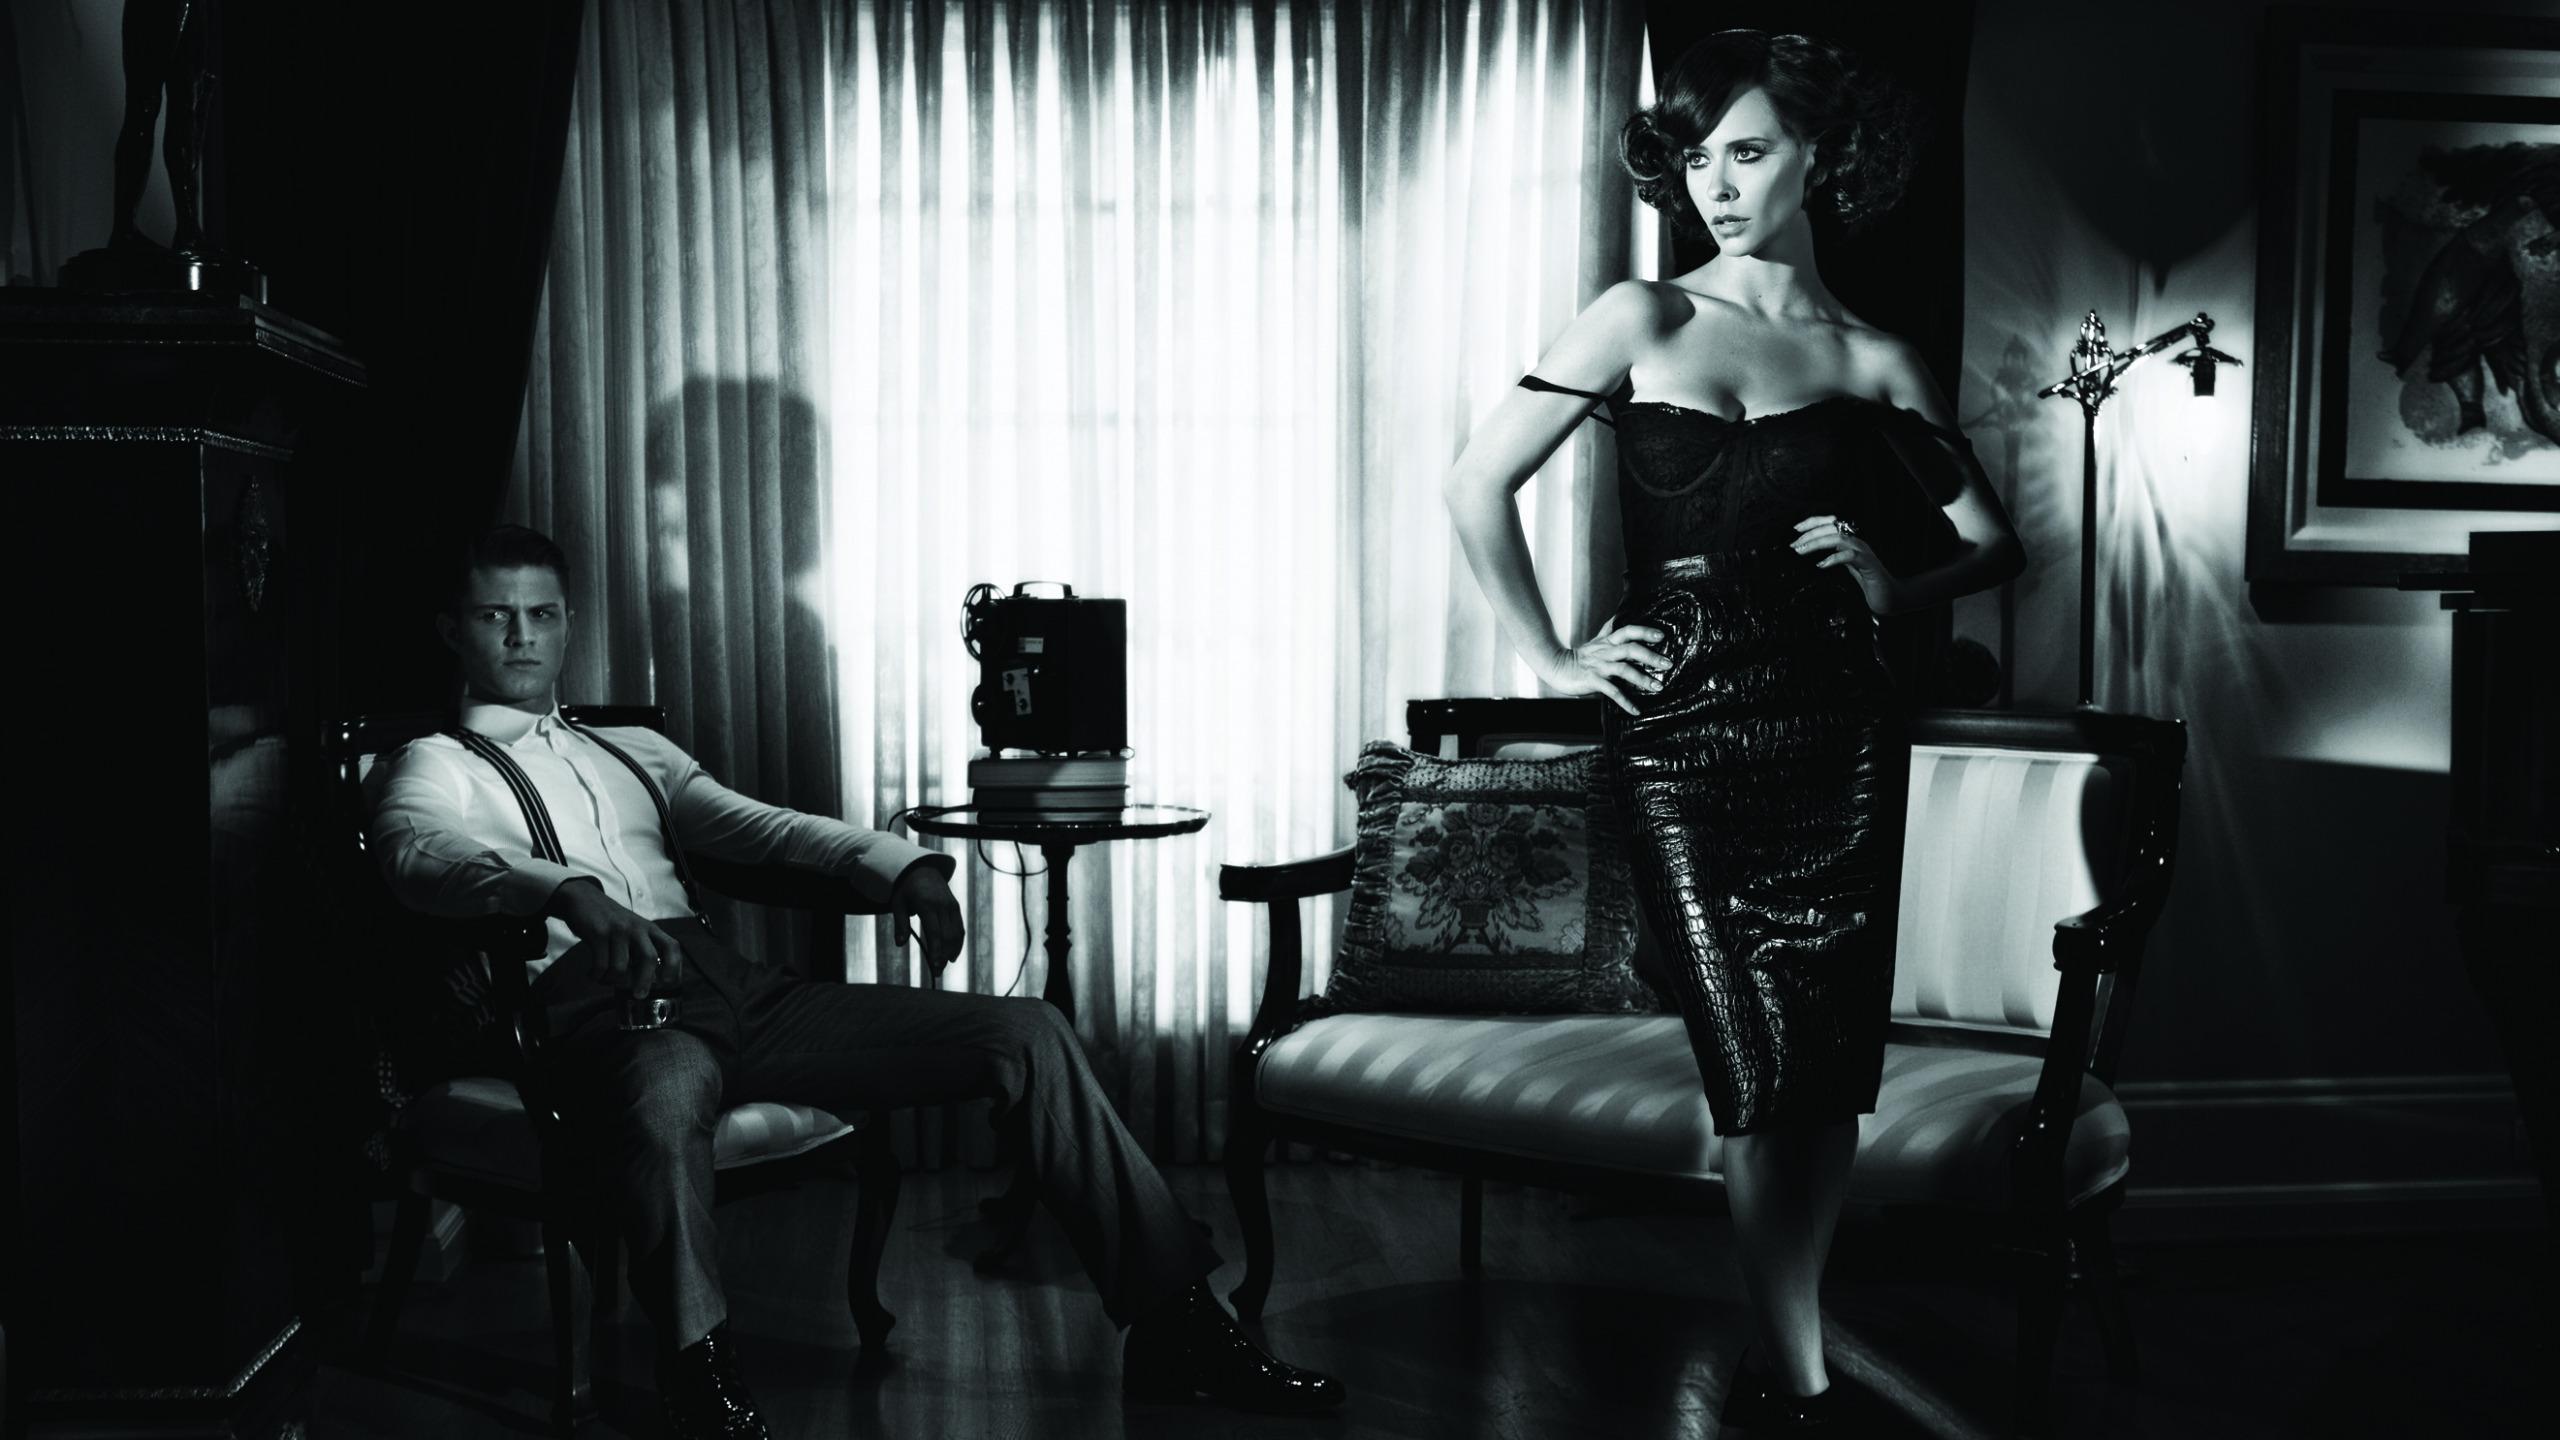 Порно зрелое она запаздывает на черных мужчин фото жесткая ебля